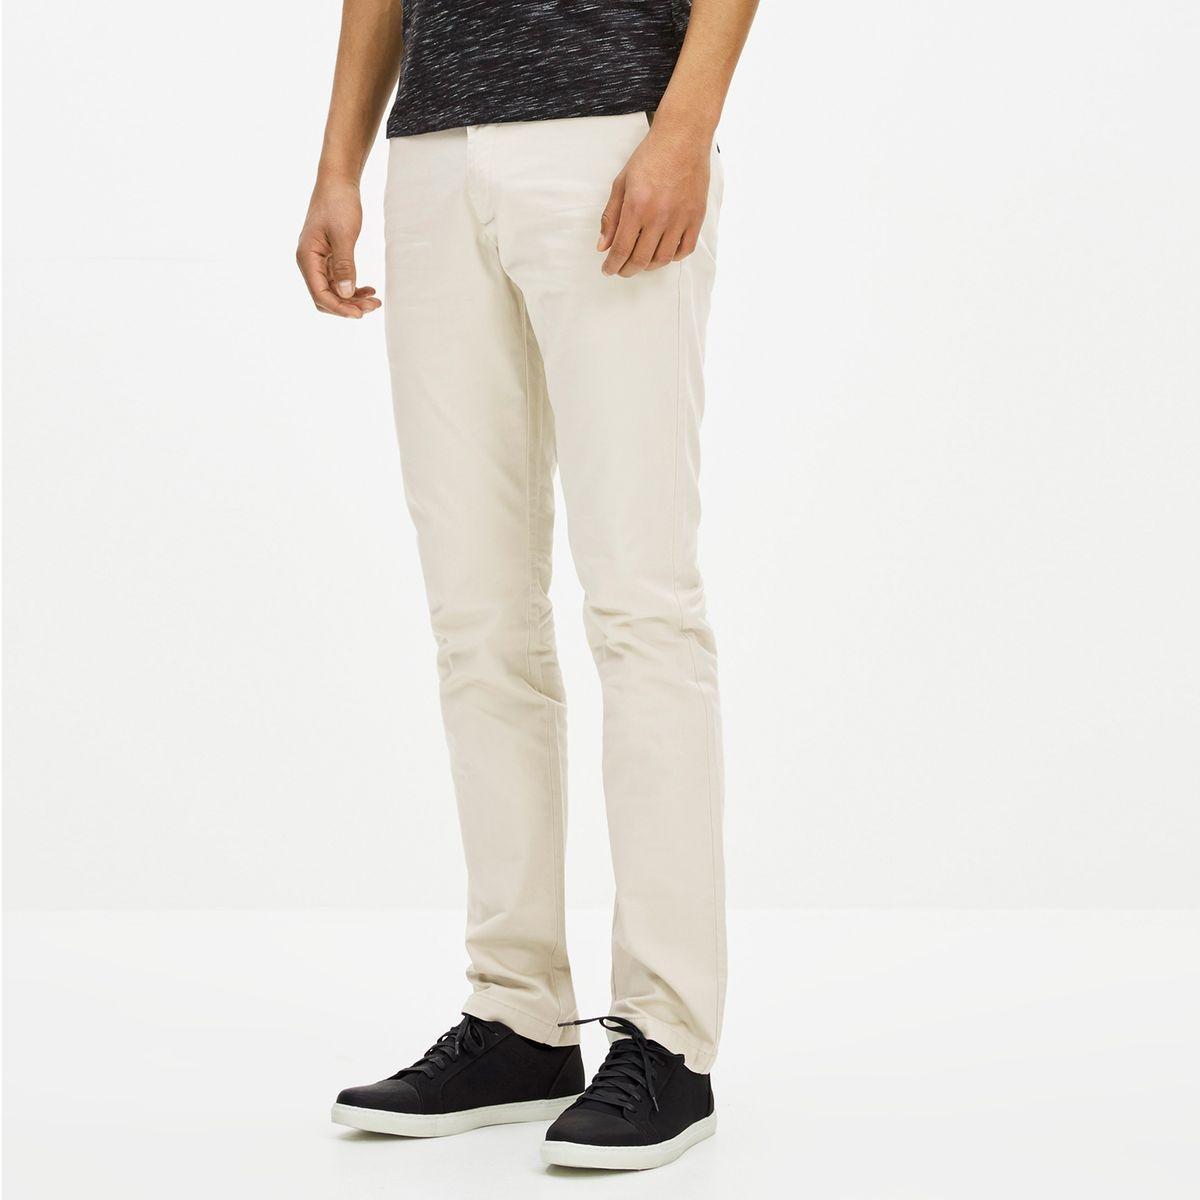 Pantalon slack en coton stretch GOLAKE